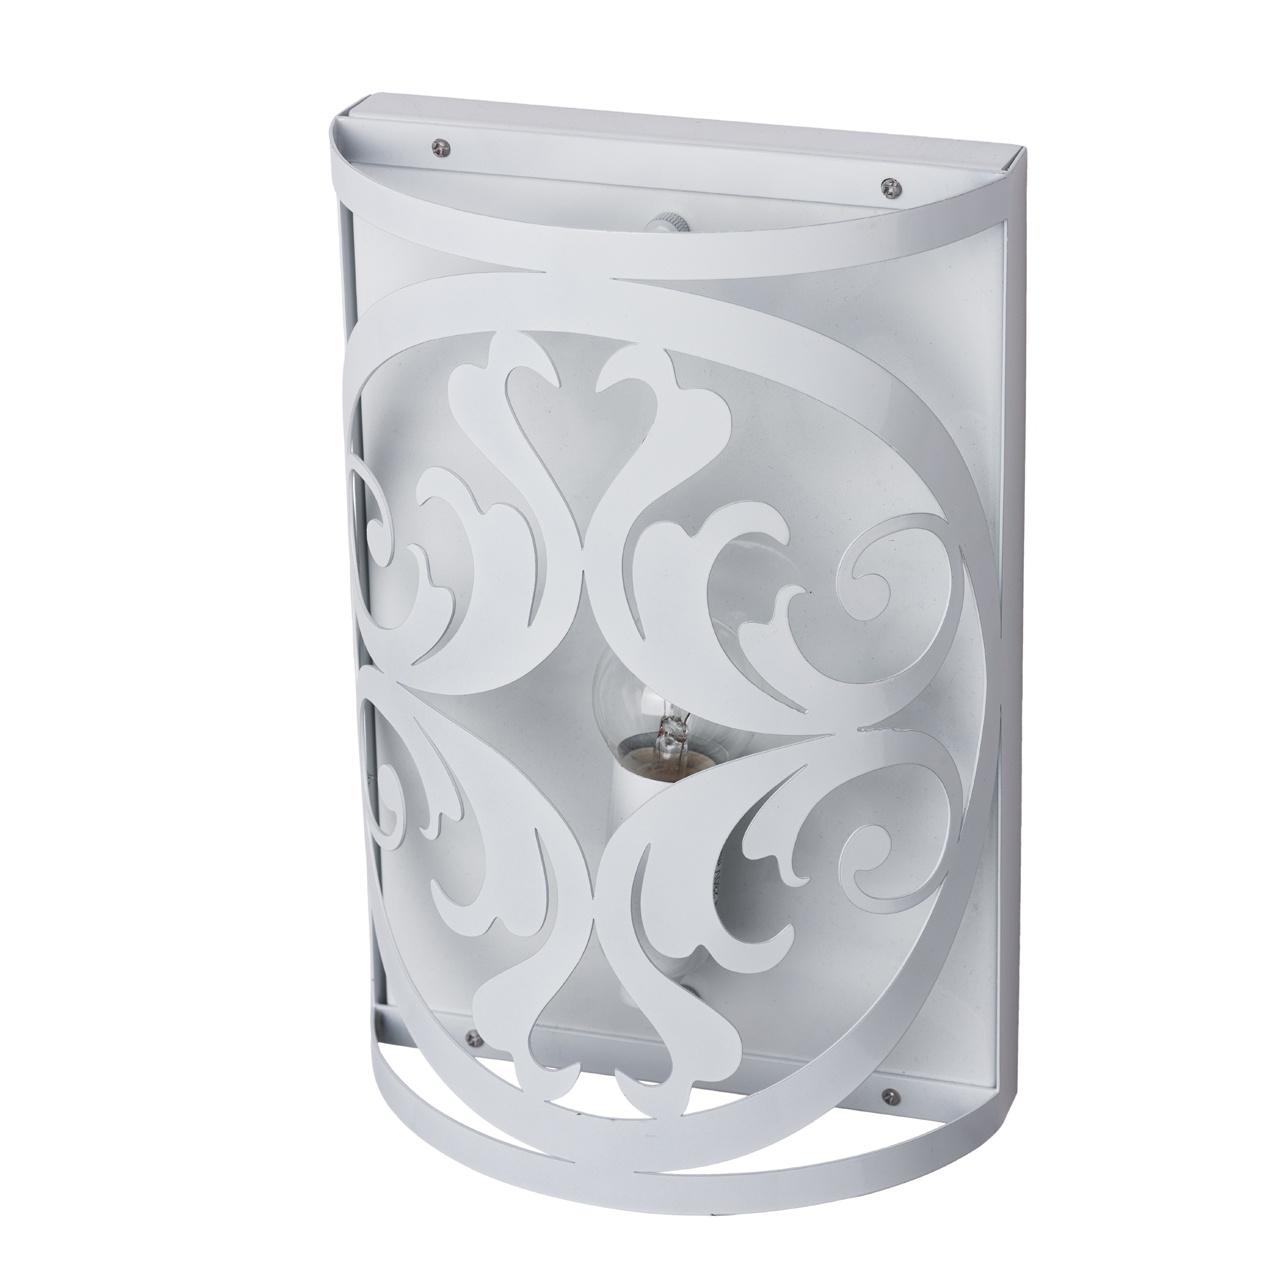 Настенный светильник MW Замок, 249026501, белый цена